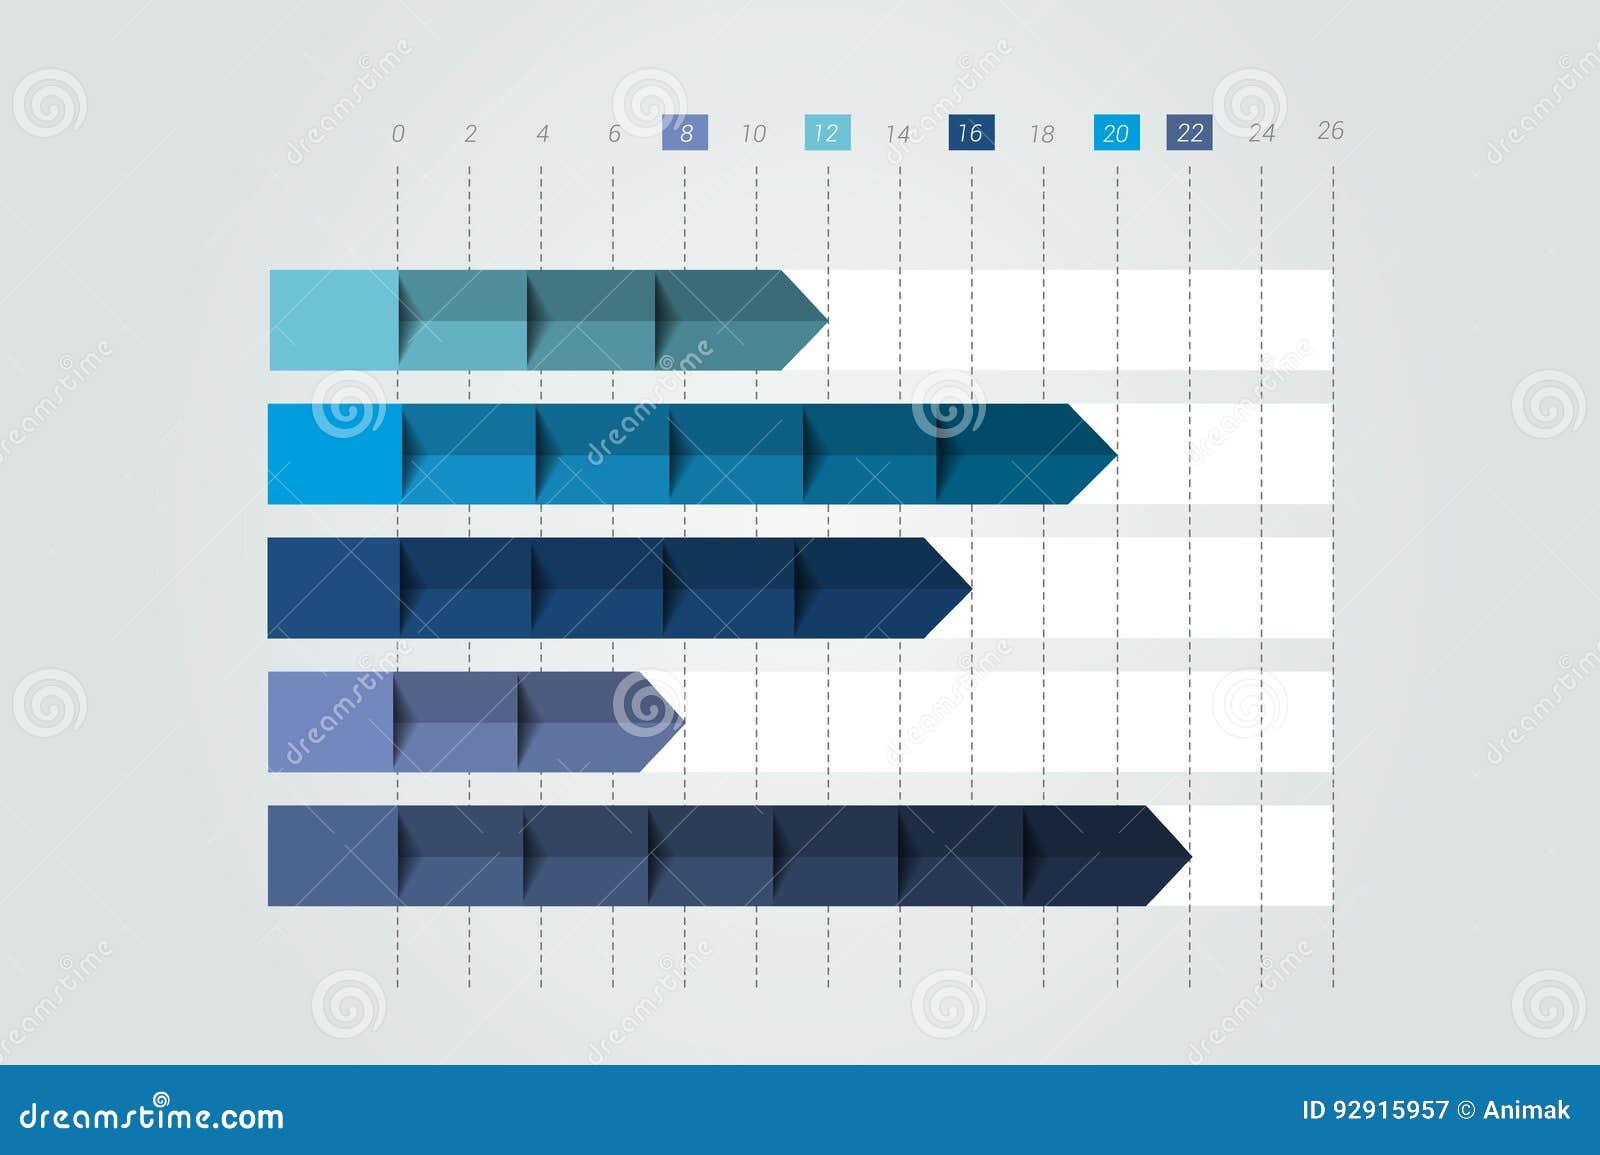 τρισδιάστατο διάγραμμα, γραφική παράσταση Απλά χρώμα editable